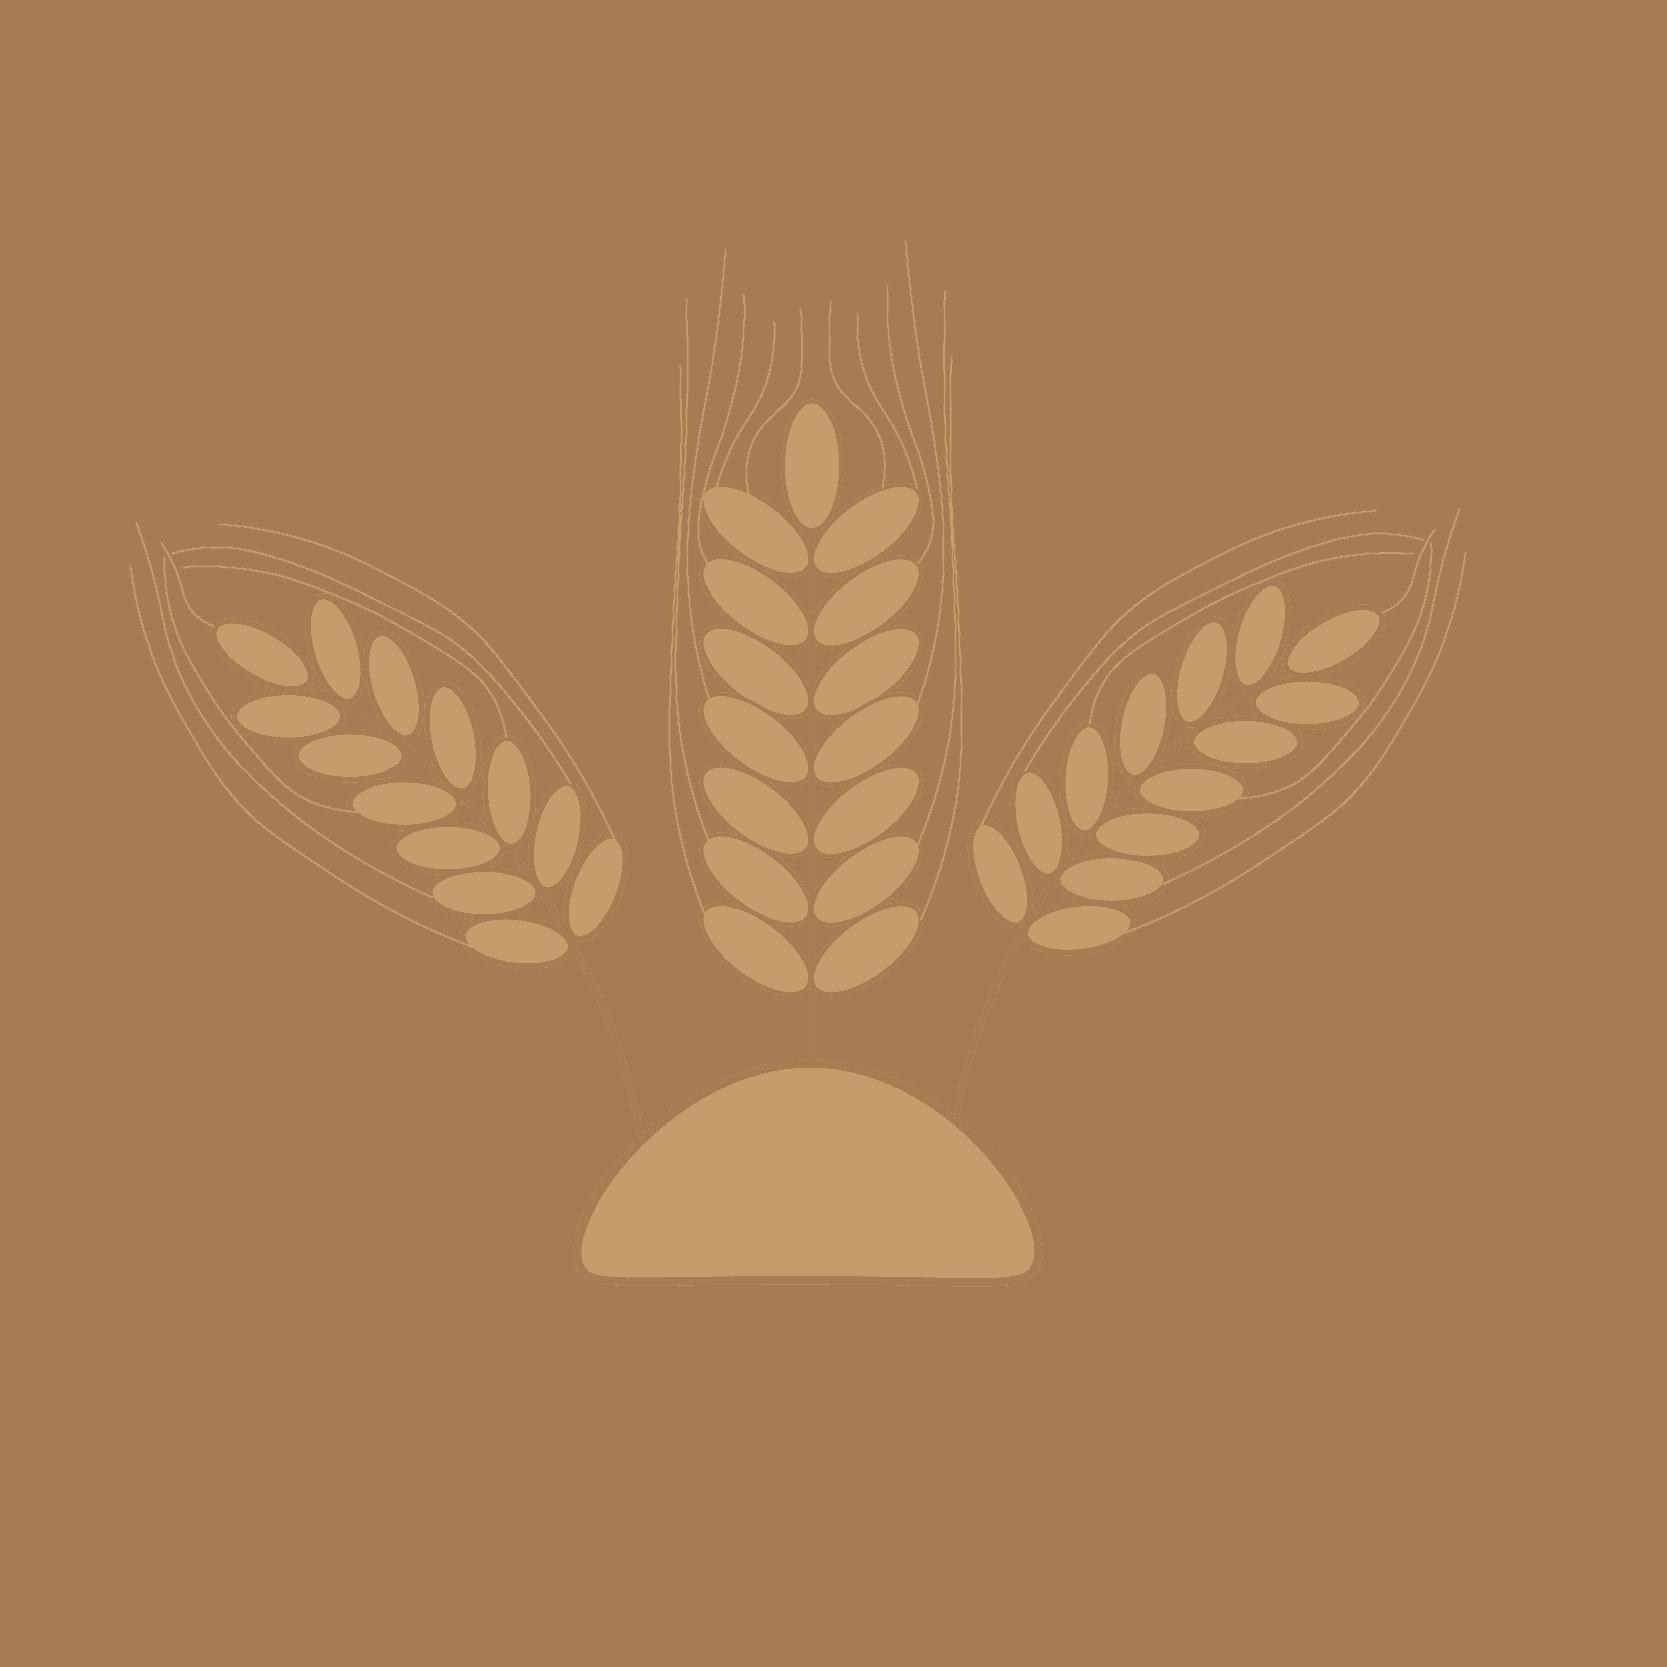 barley-13